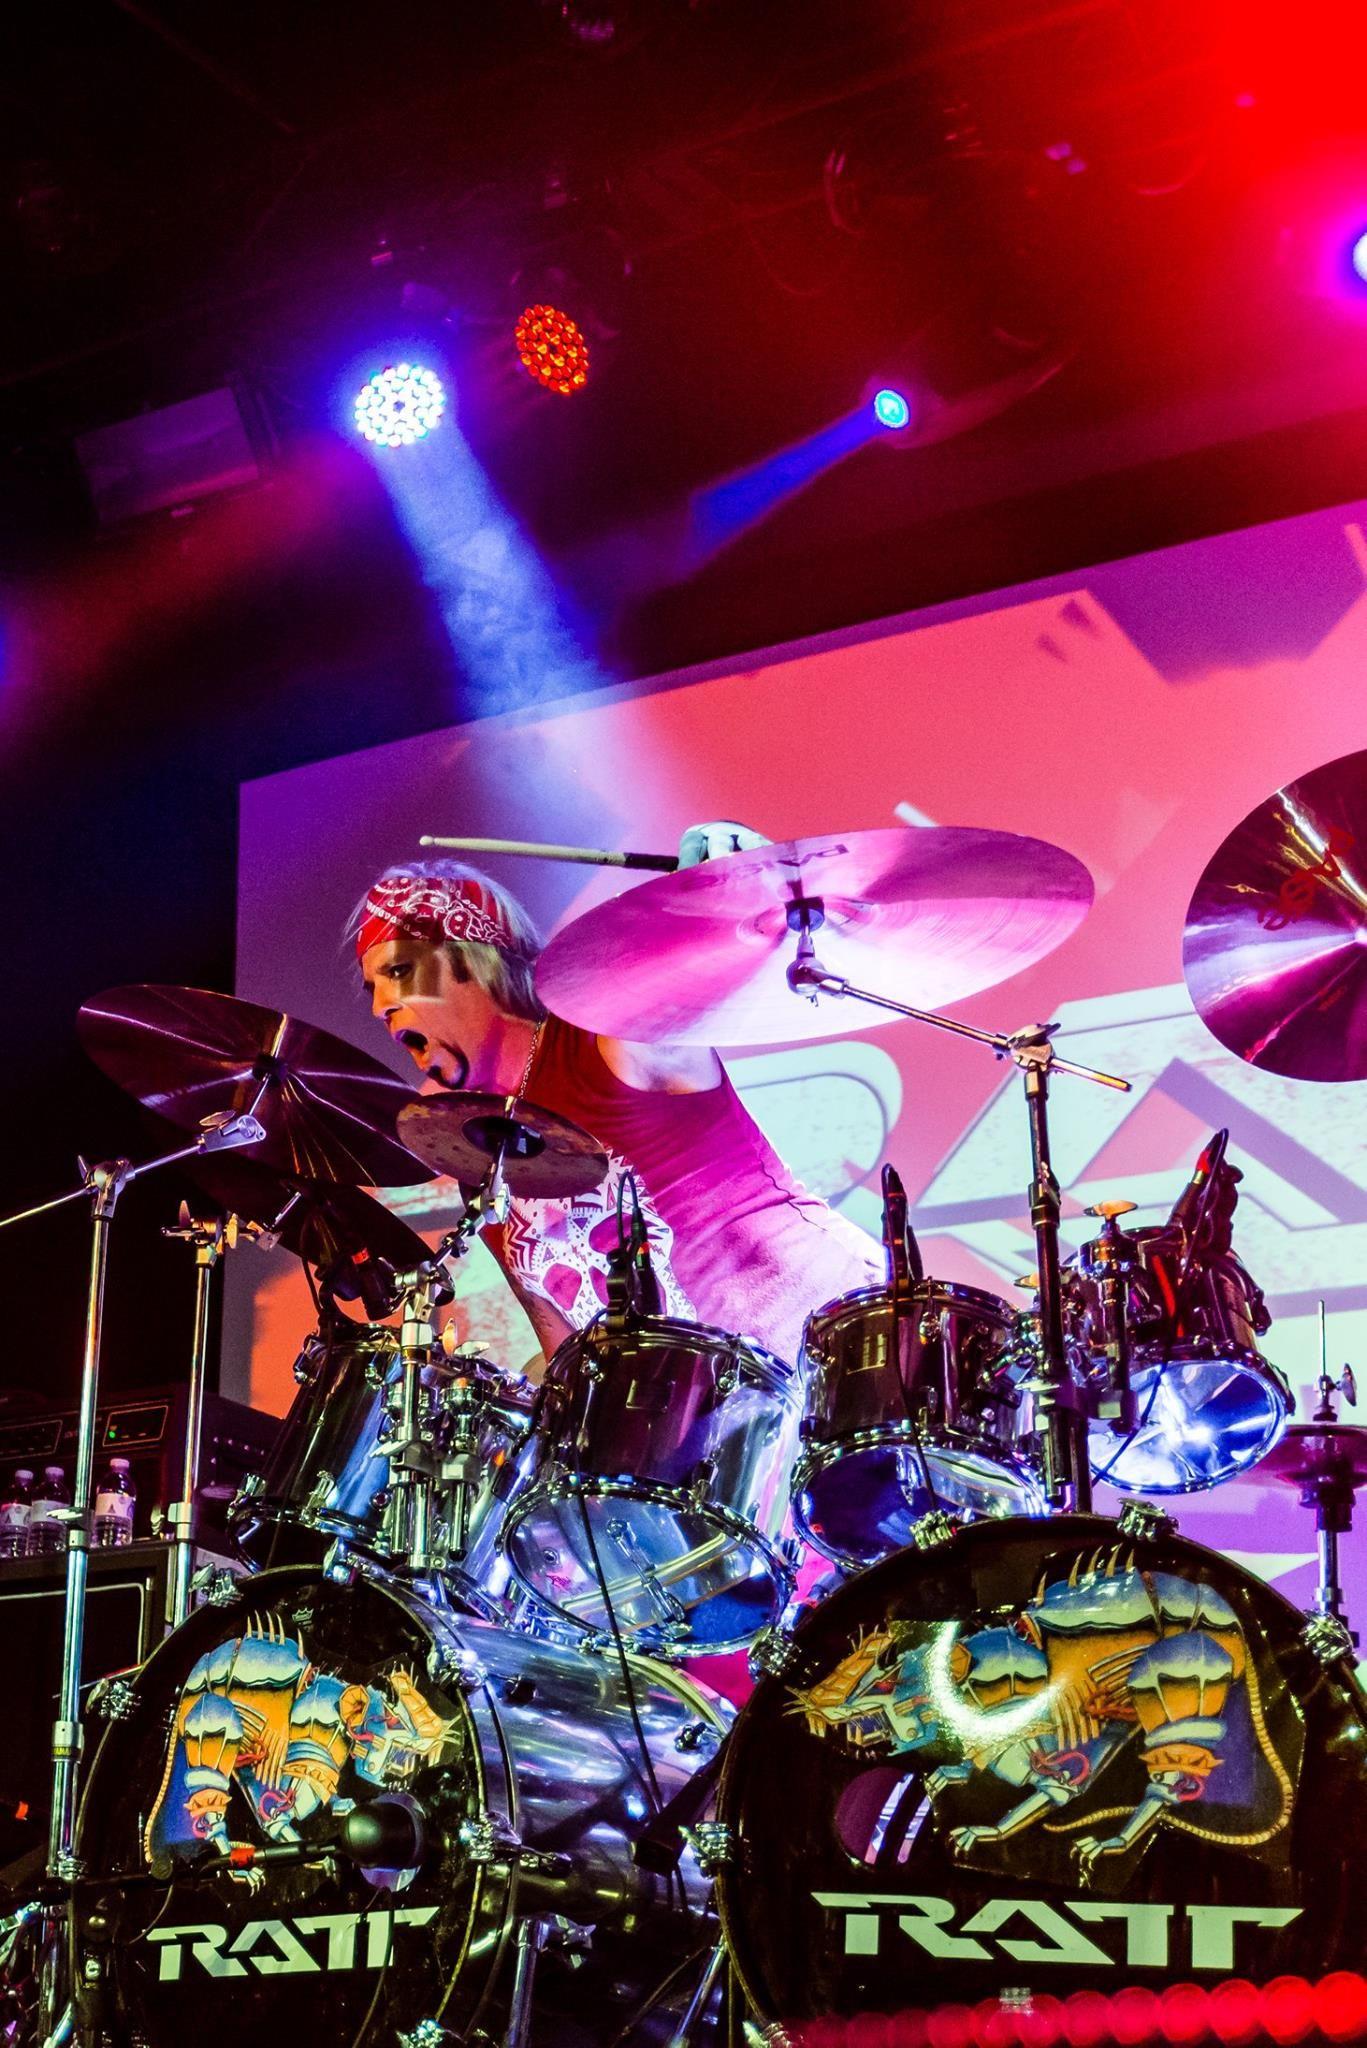 Bobby Blotzer Drummer For Ratt Ratt Rock Rocknroll Music 80s 80smusic Hairband Bobbyblotzer Drummer Rock N Roll Hair Band Drummer